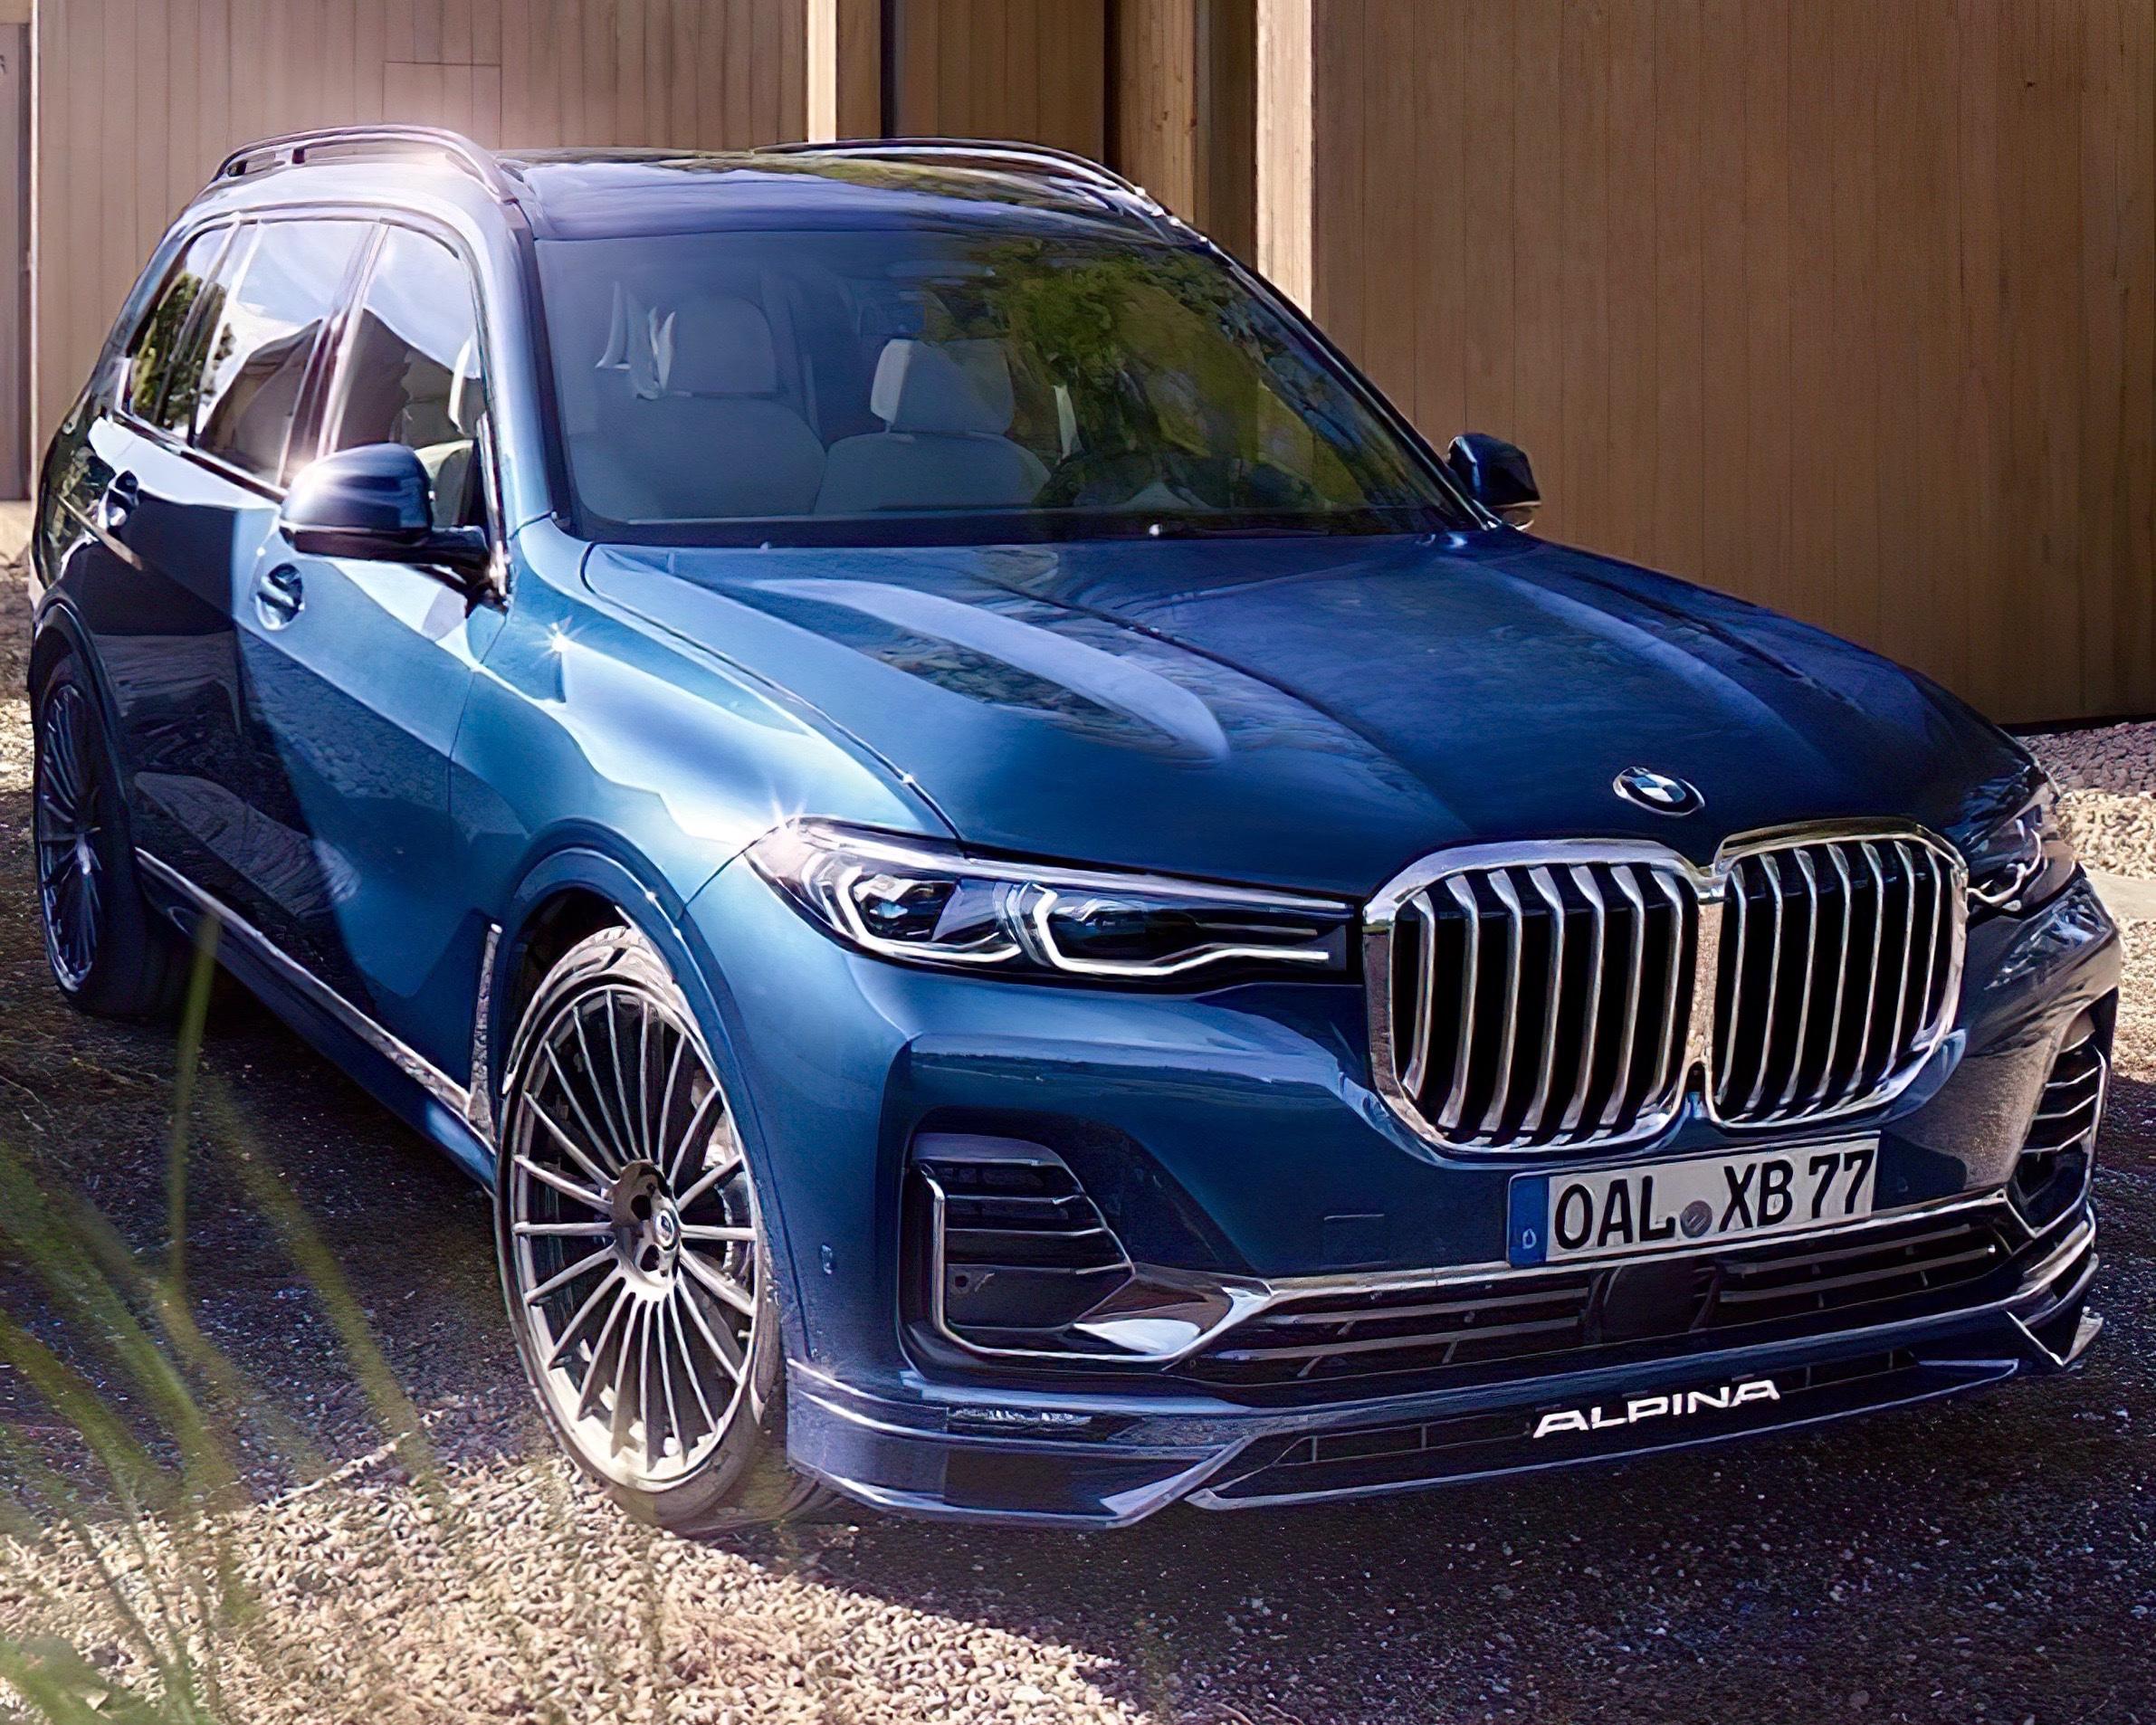 2021 BMW Alpina XB7 Revealed with 621 Horsepower • Hype Garage